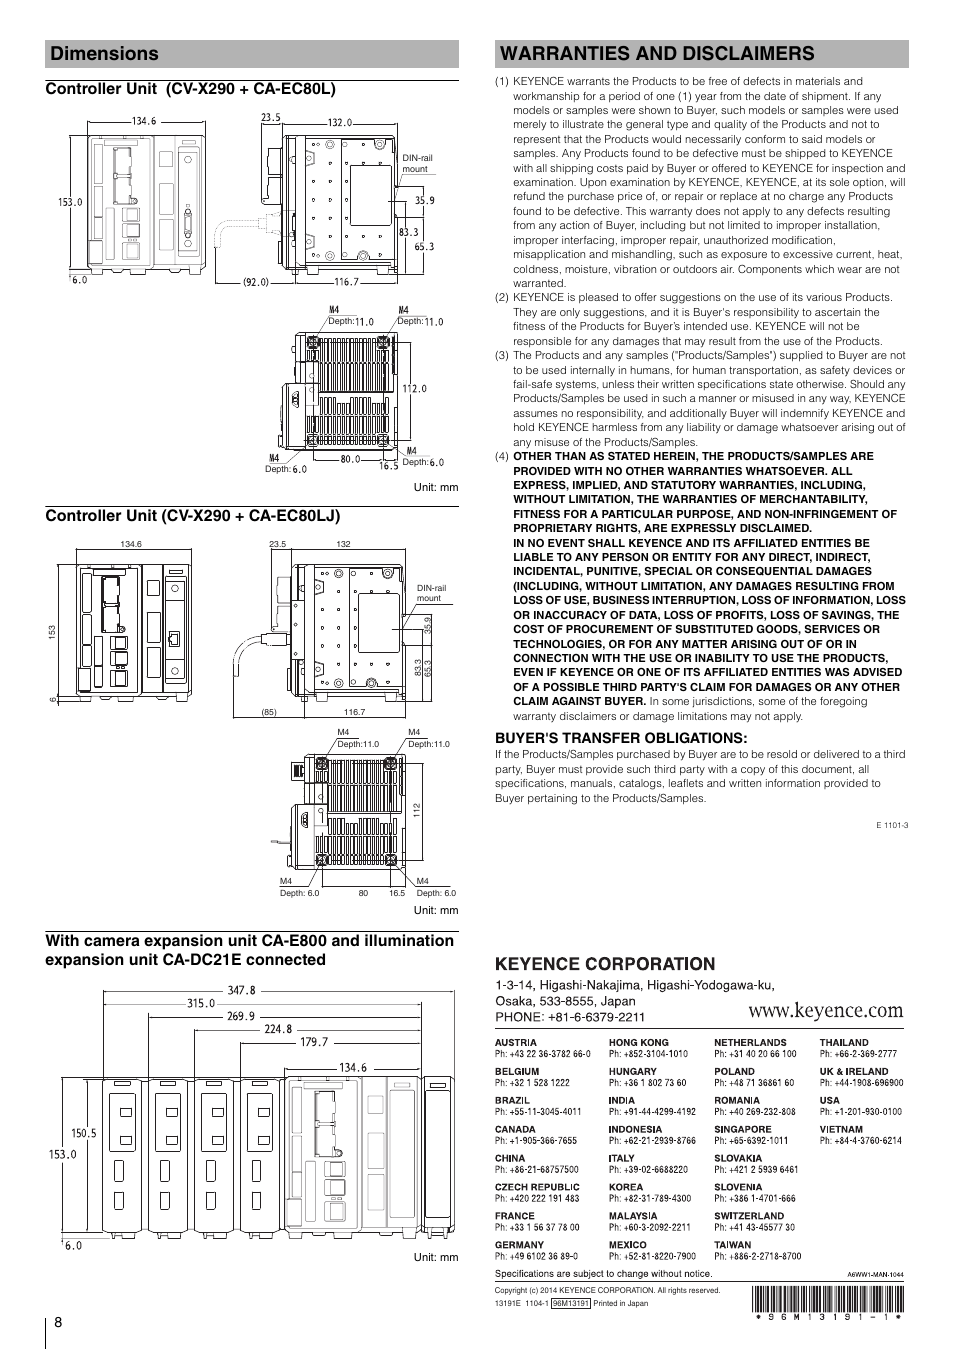 Dimensions, Controller unit (cv-x290 + ca-ec80l